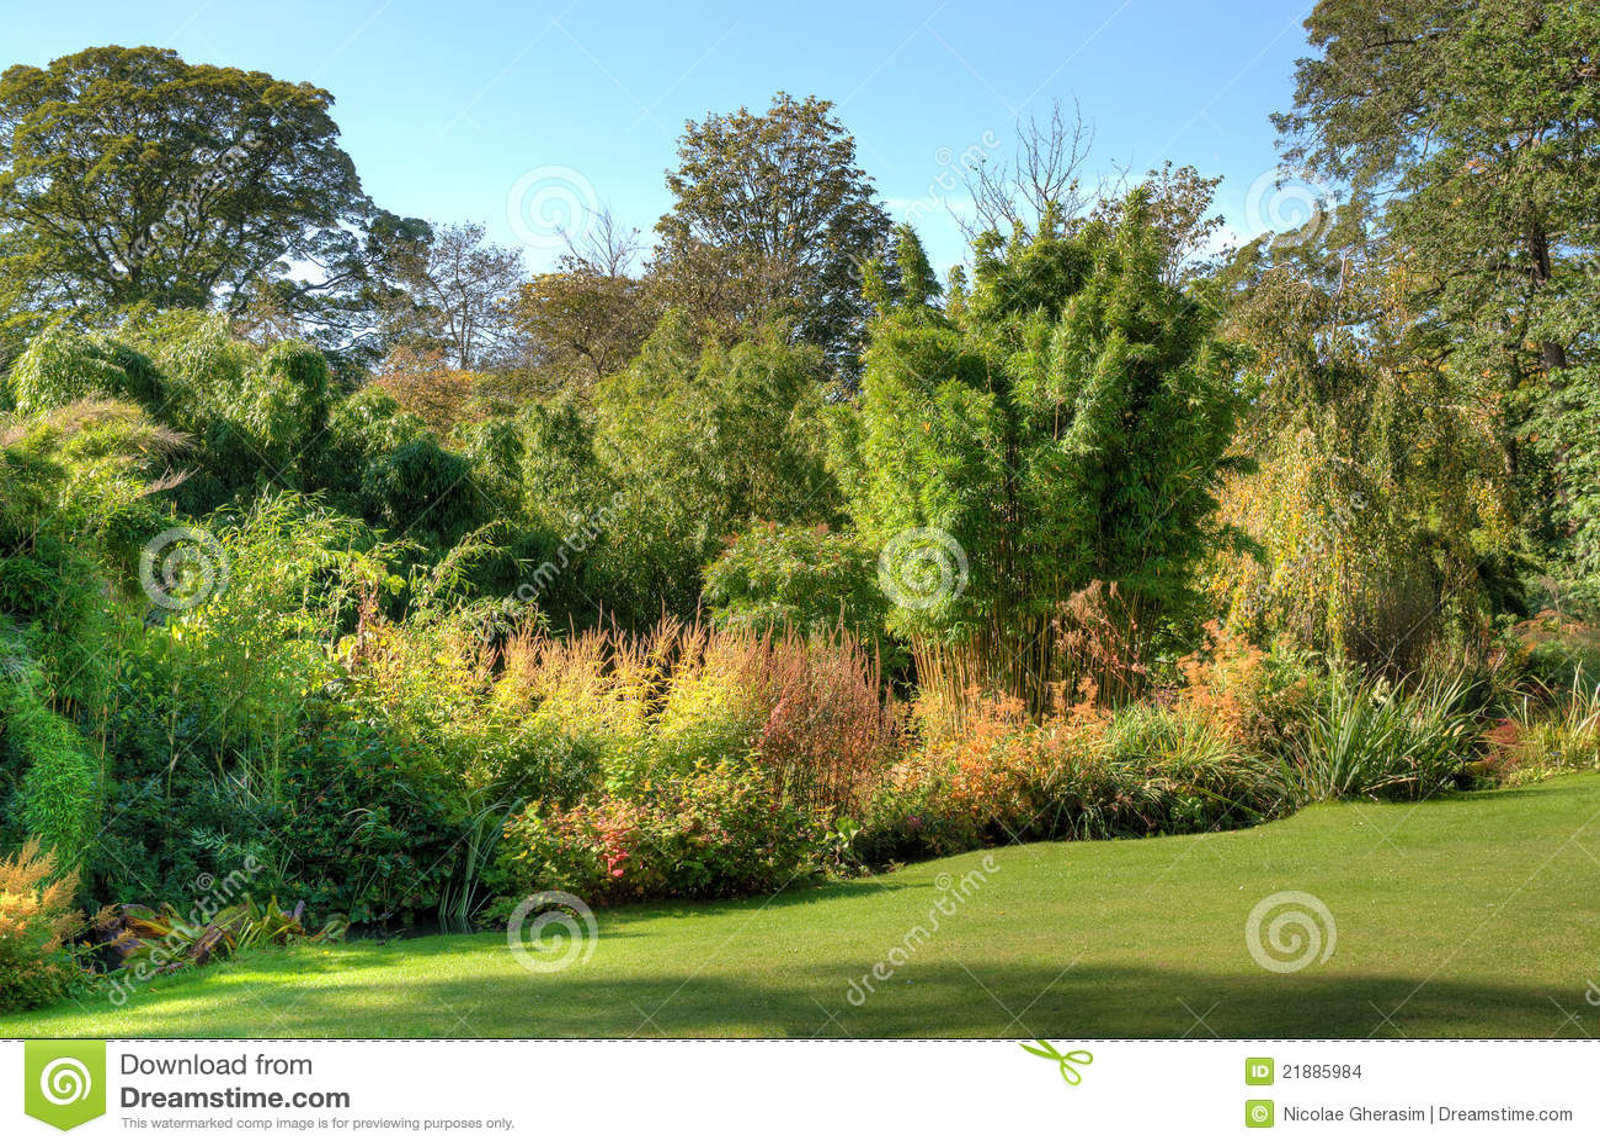 Piante e cespugli di giardino immagini stock immagine for Piante di giardino